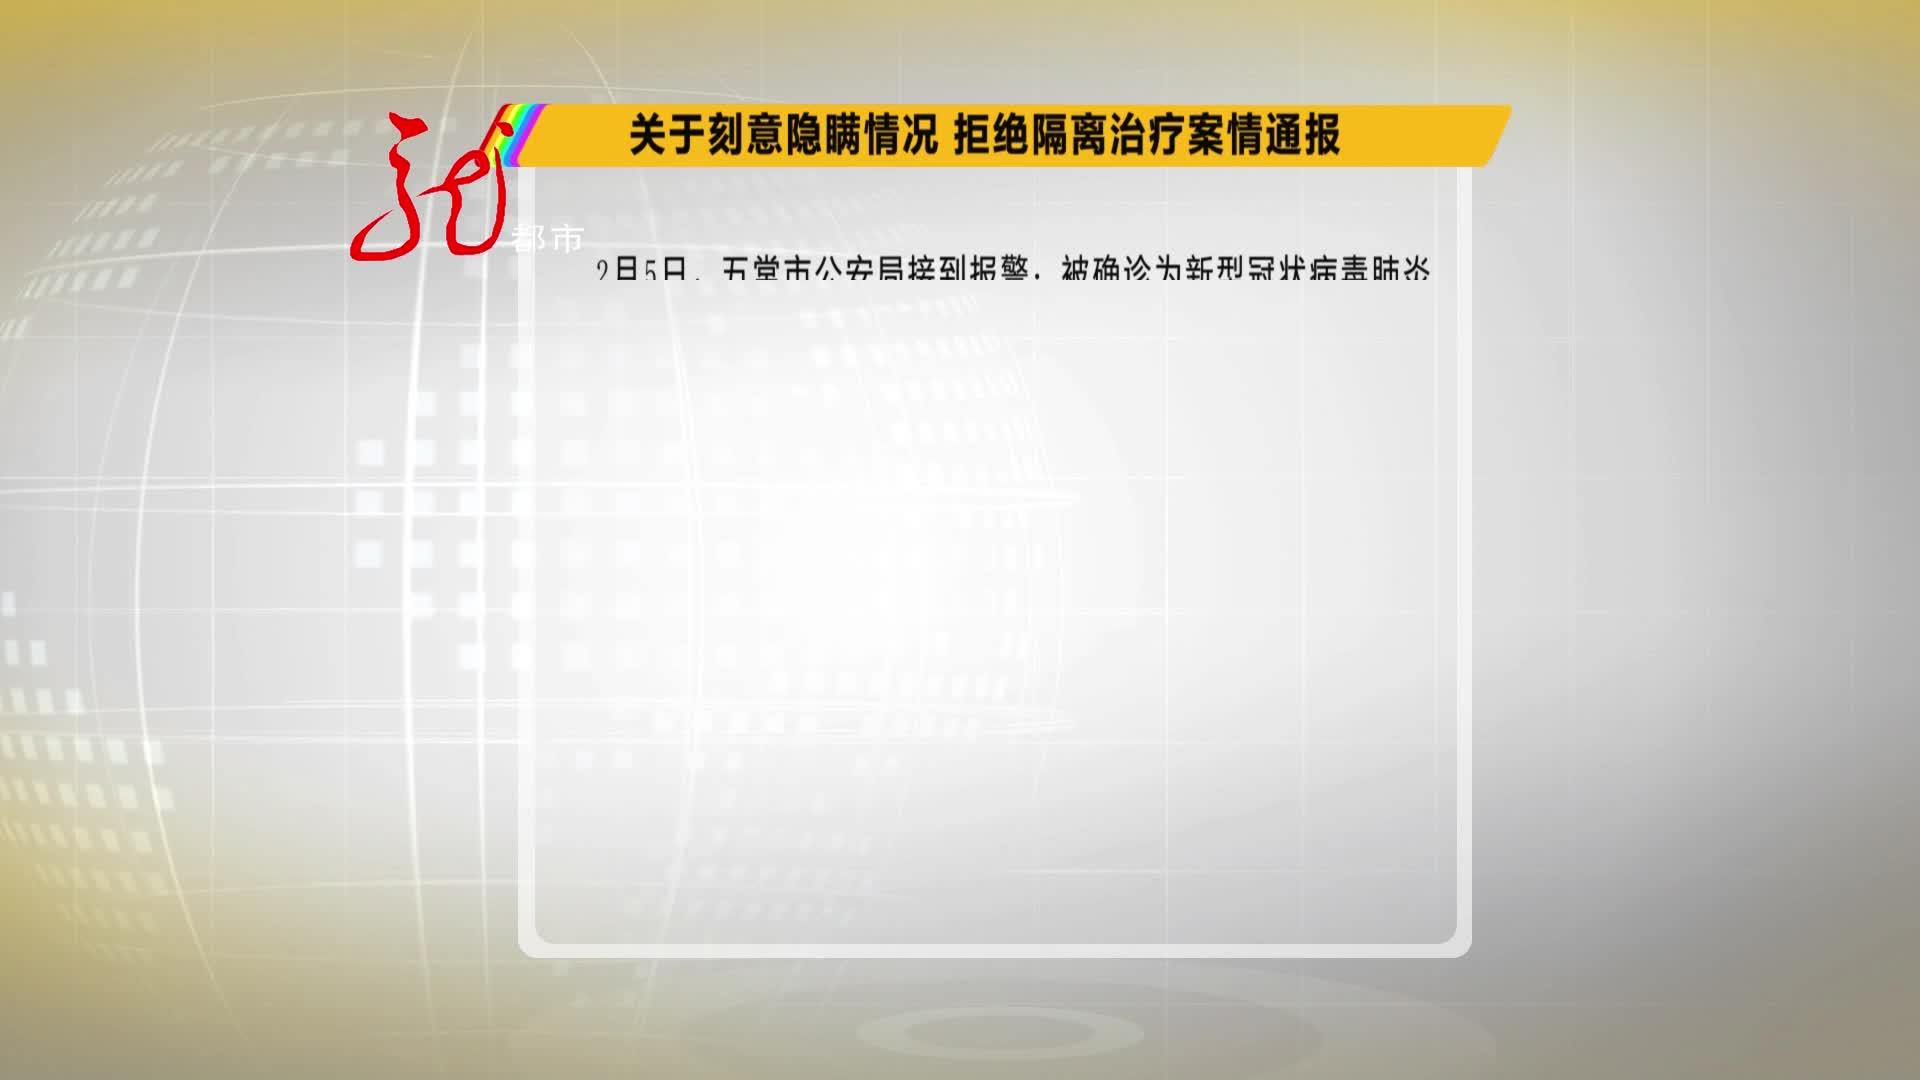 哈尔滨通报多起刻意隐瞒病情案件 警方依法严肃处理